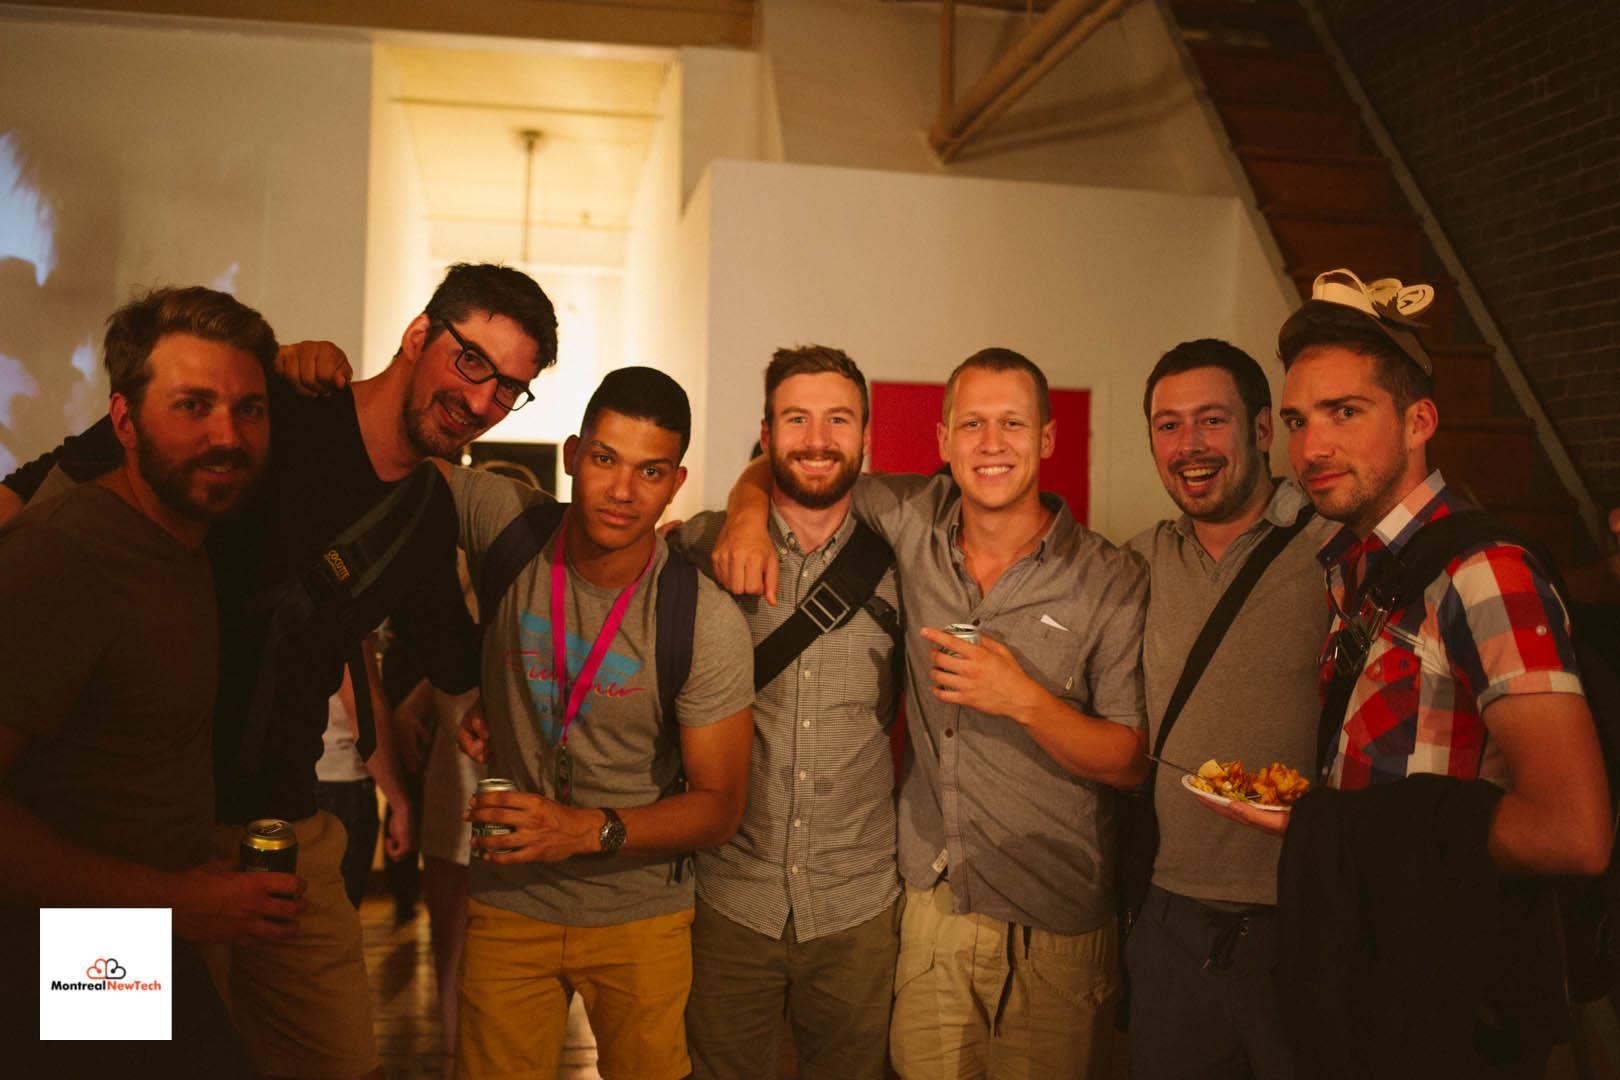 startupfest-party